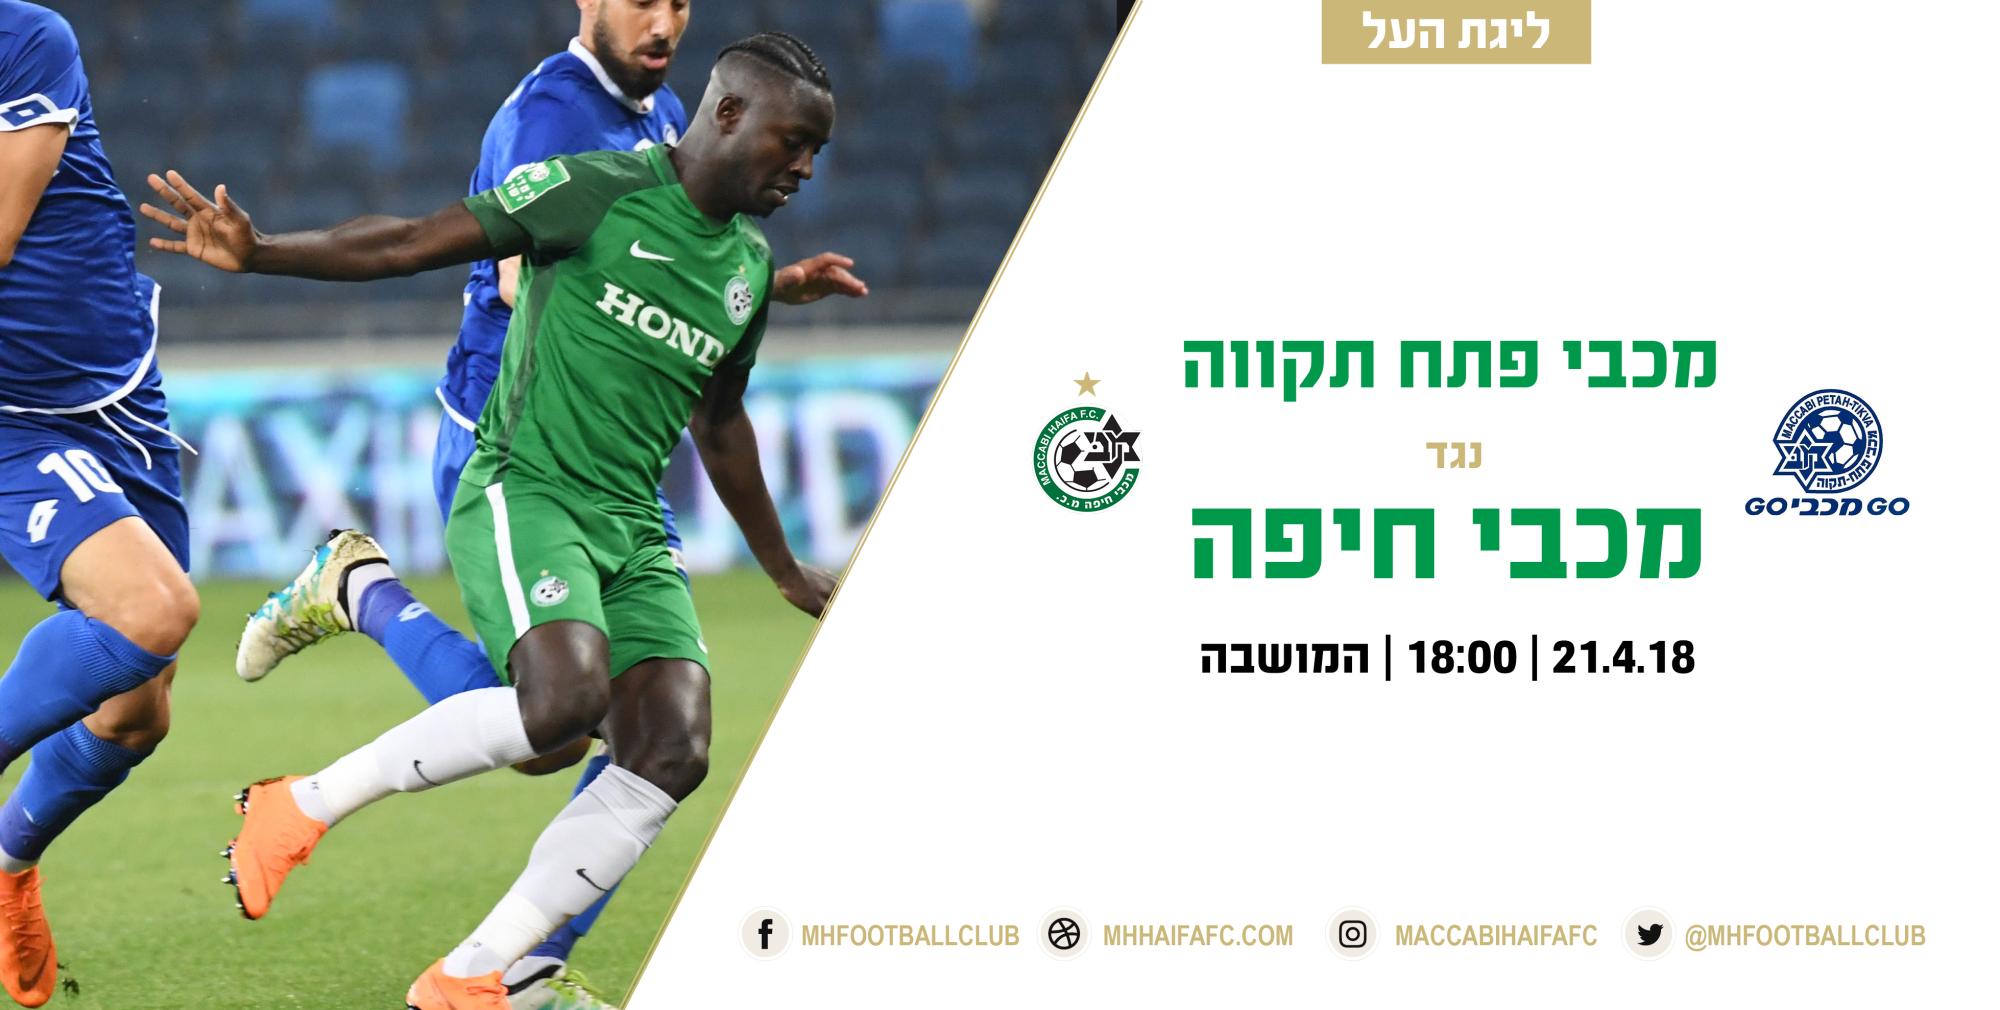 ב-18:00: מכבי חיפה מתארחת אצל מכבי פתח תקווה